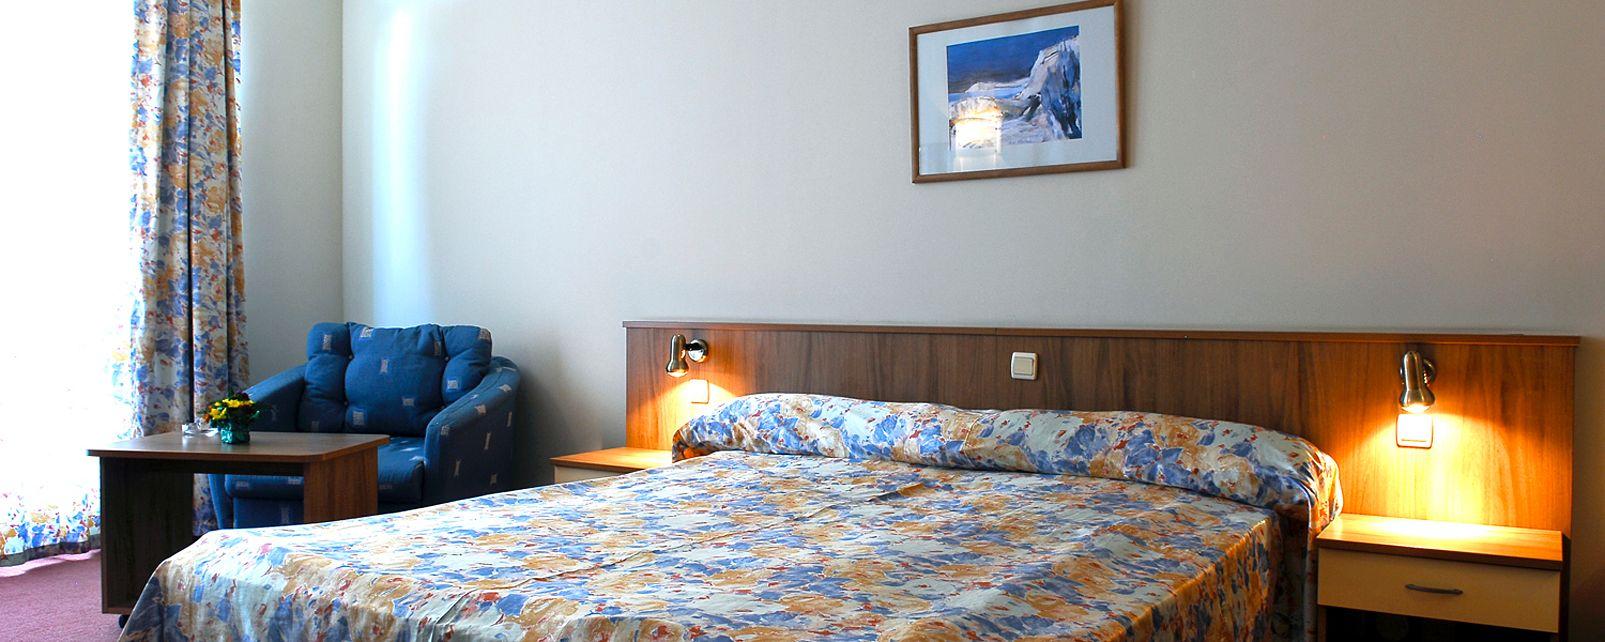 Hotel Iberostar Obzor Izgrev